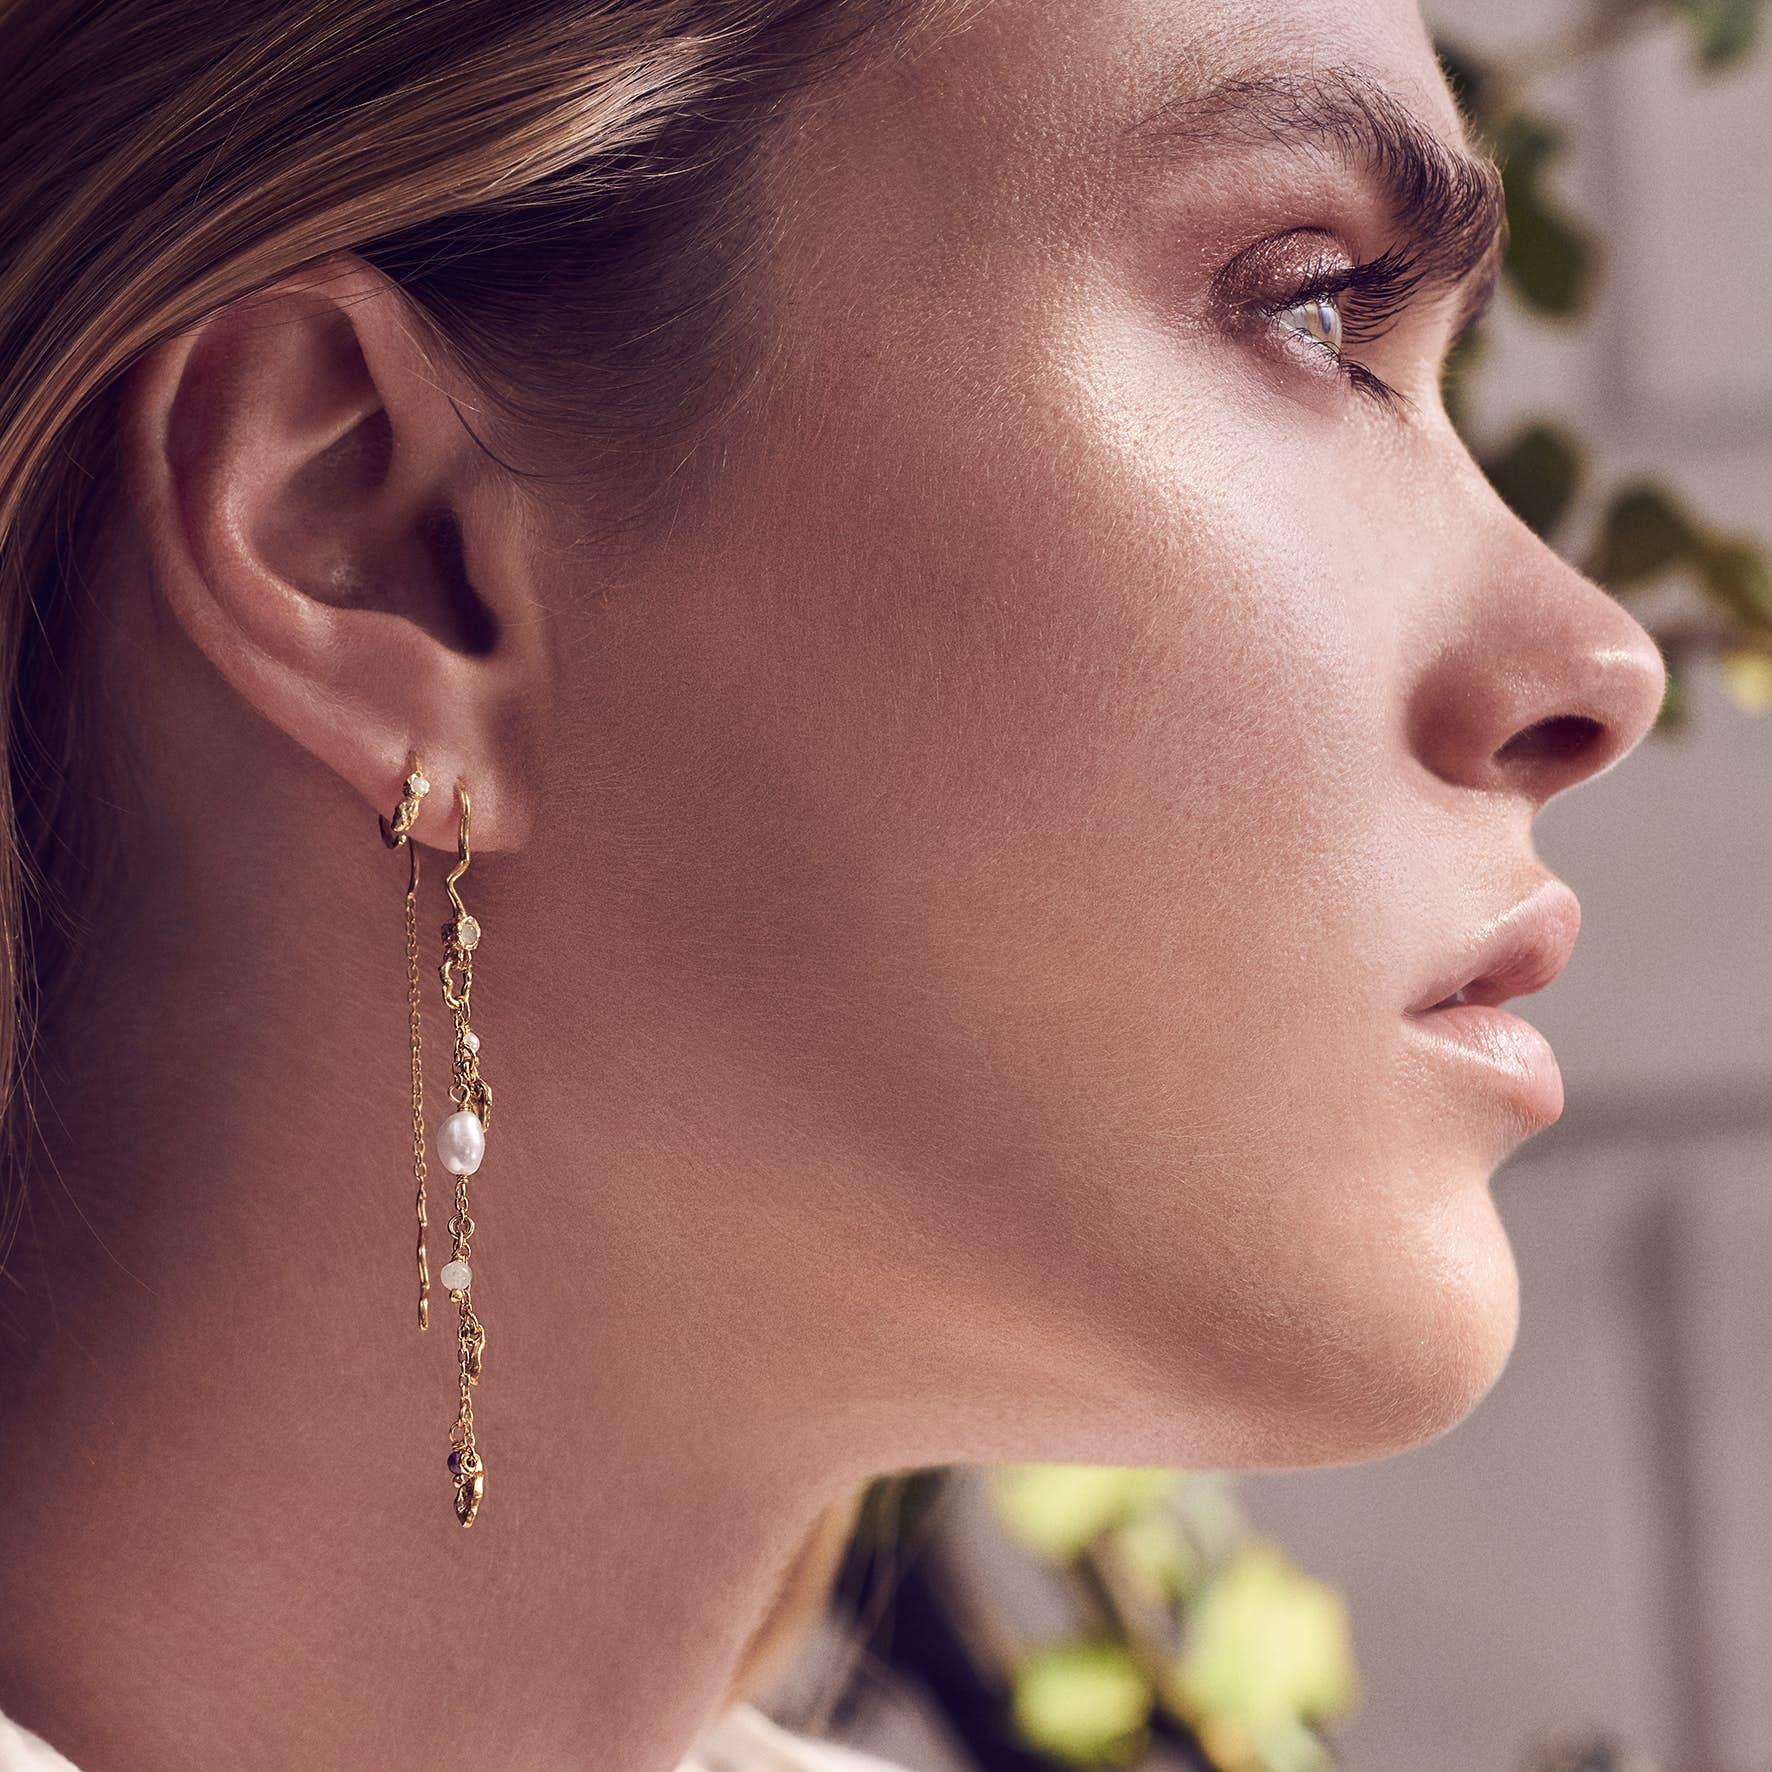 Poppy Earrings from Maanesten in Goldplated-Silver Sterling 925